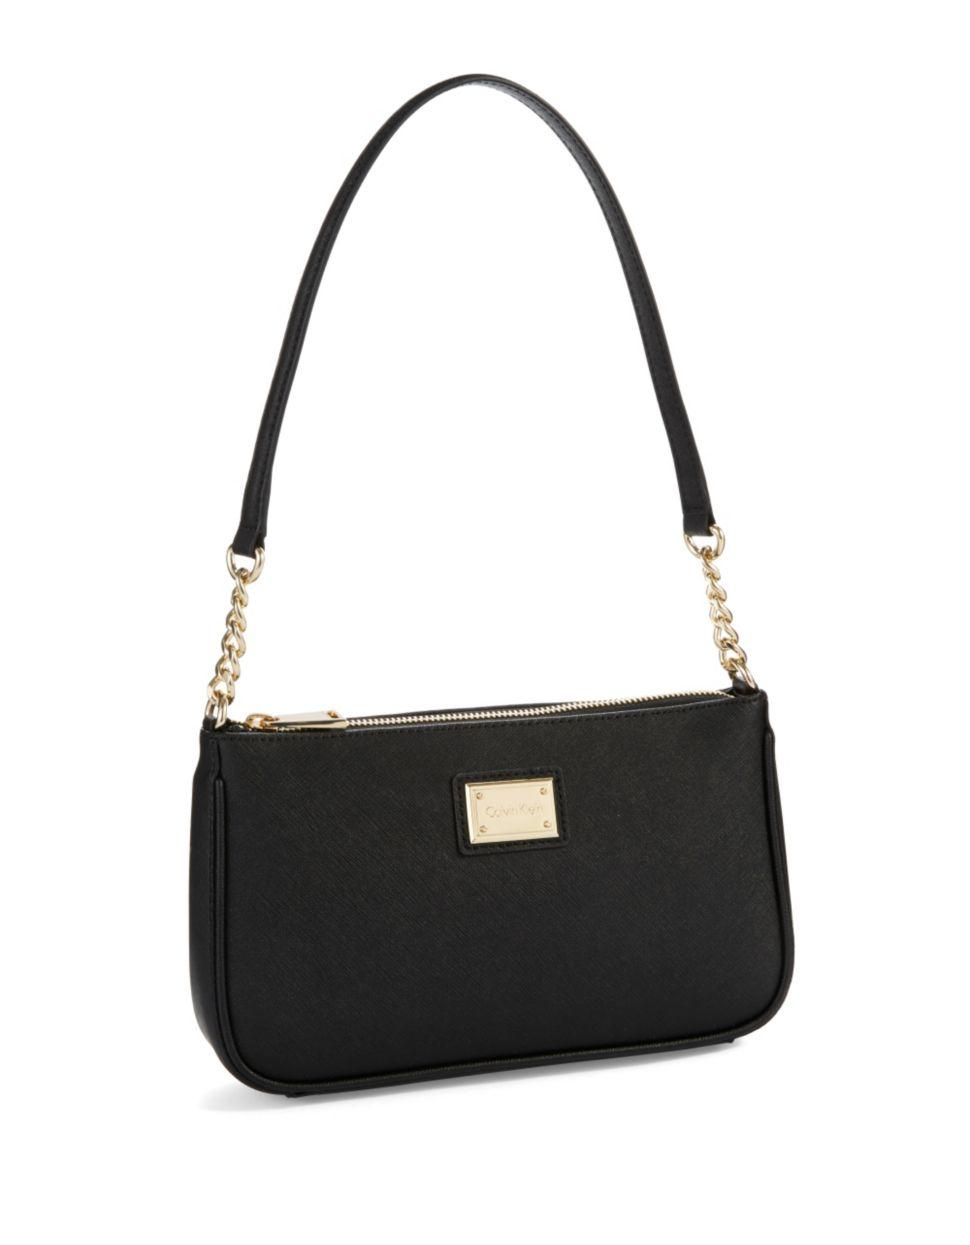 9cc2efc15e0 Calvin Klein Crosshatched Leather Shoulder Bag in Black - Lyst